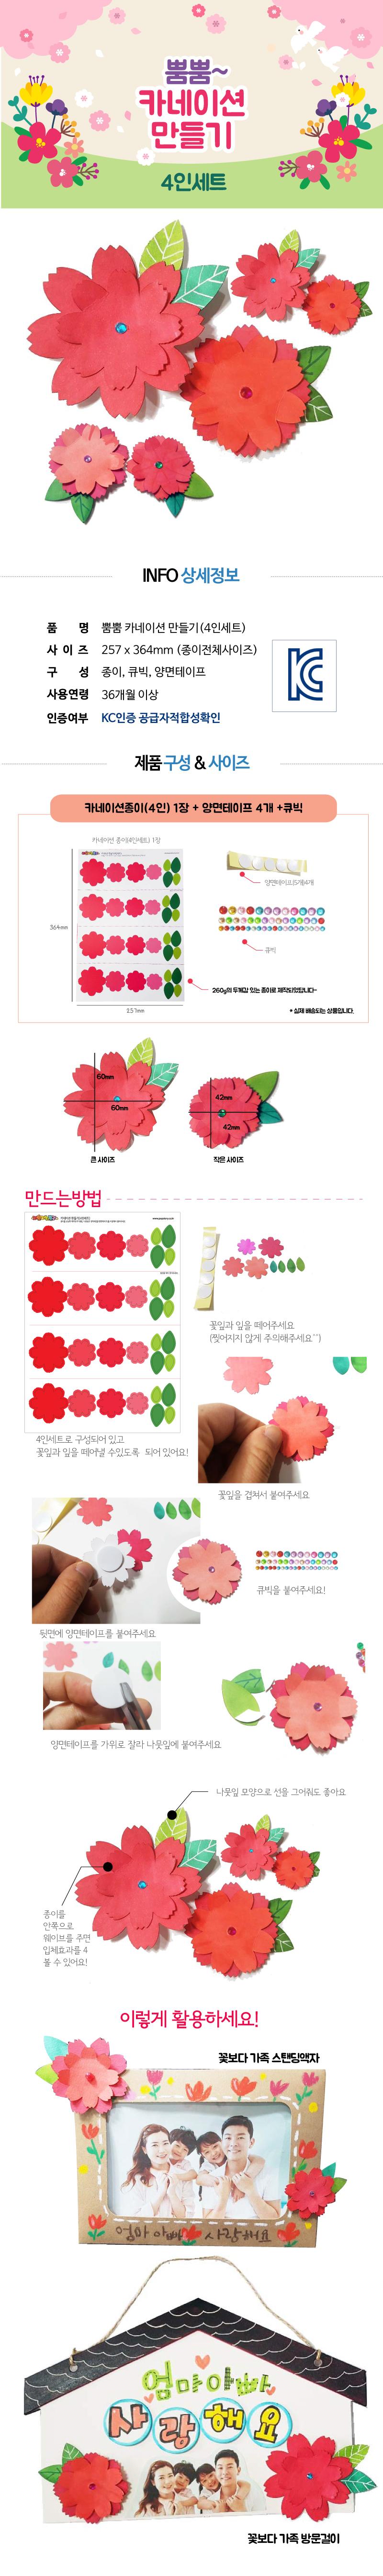 뿜뿜 카네이션 만들기(4인세트) - 피오피스토리, 3,500원, 종이공예/북아트, 소품 패키지